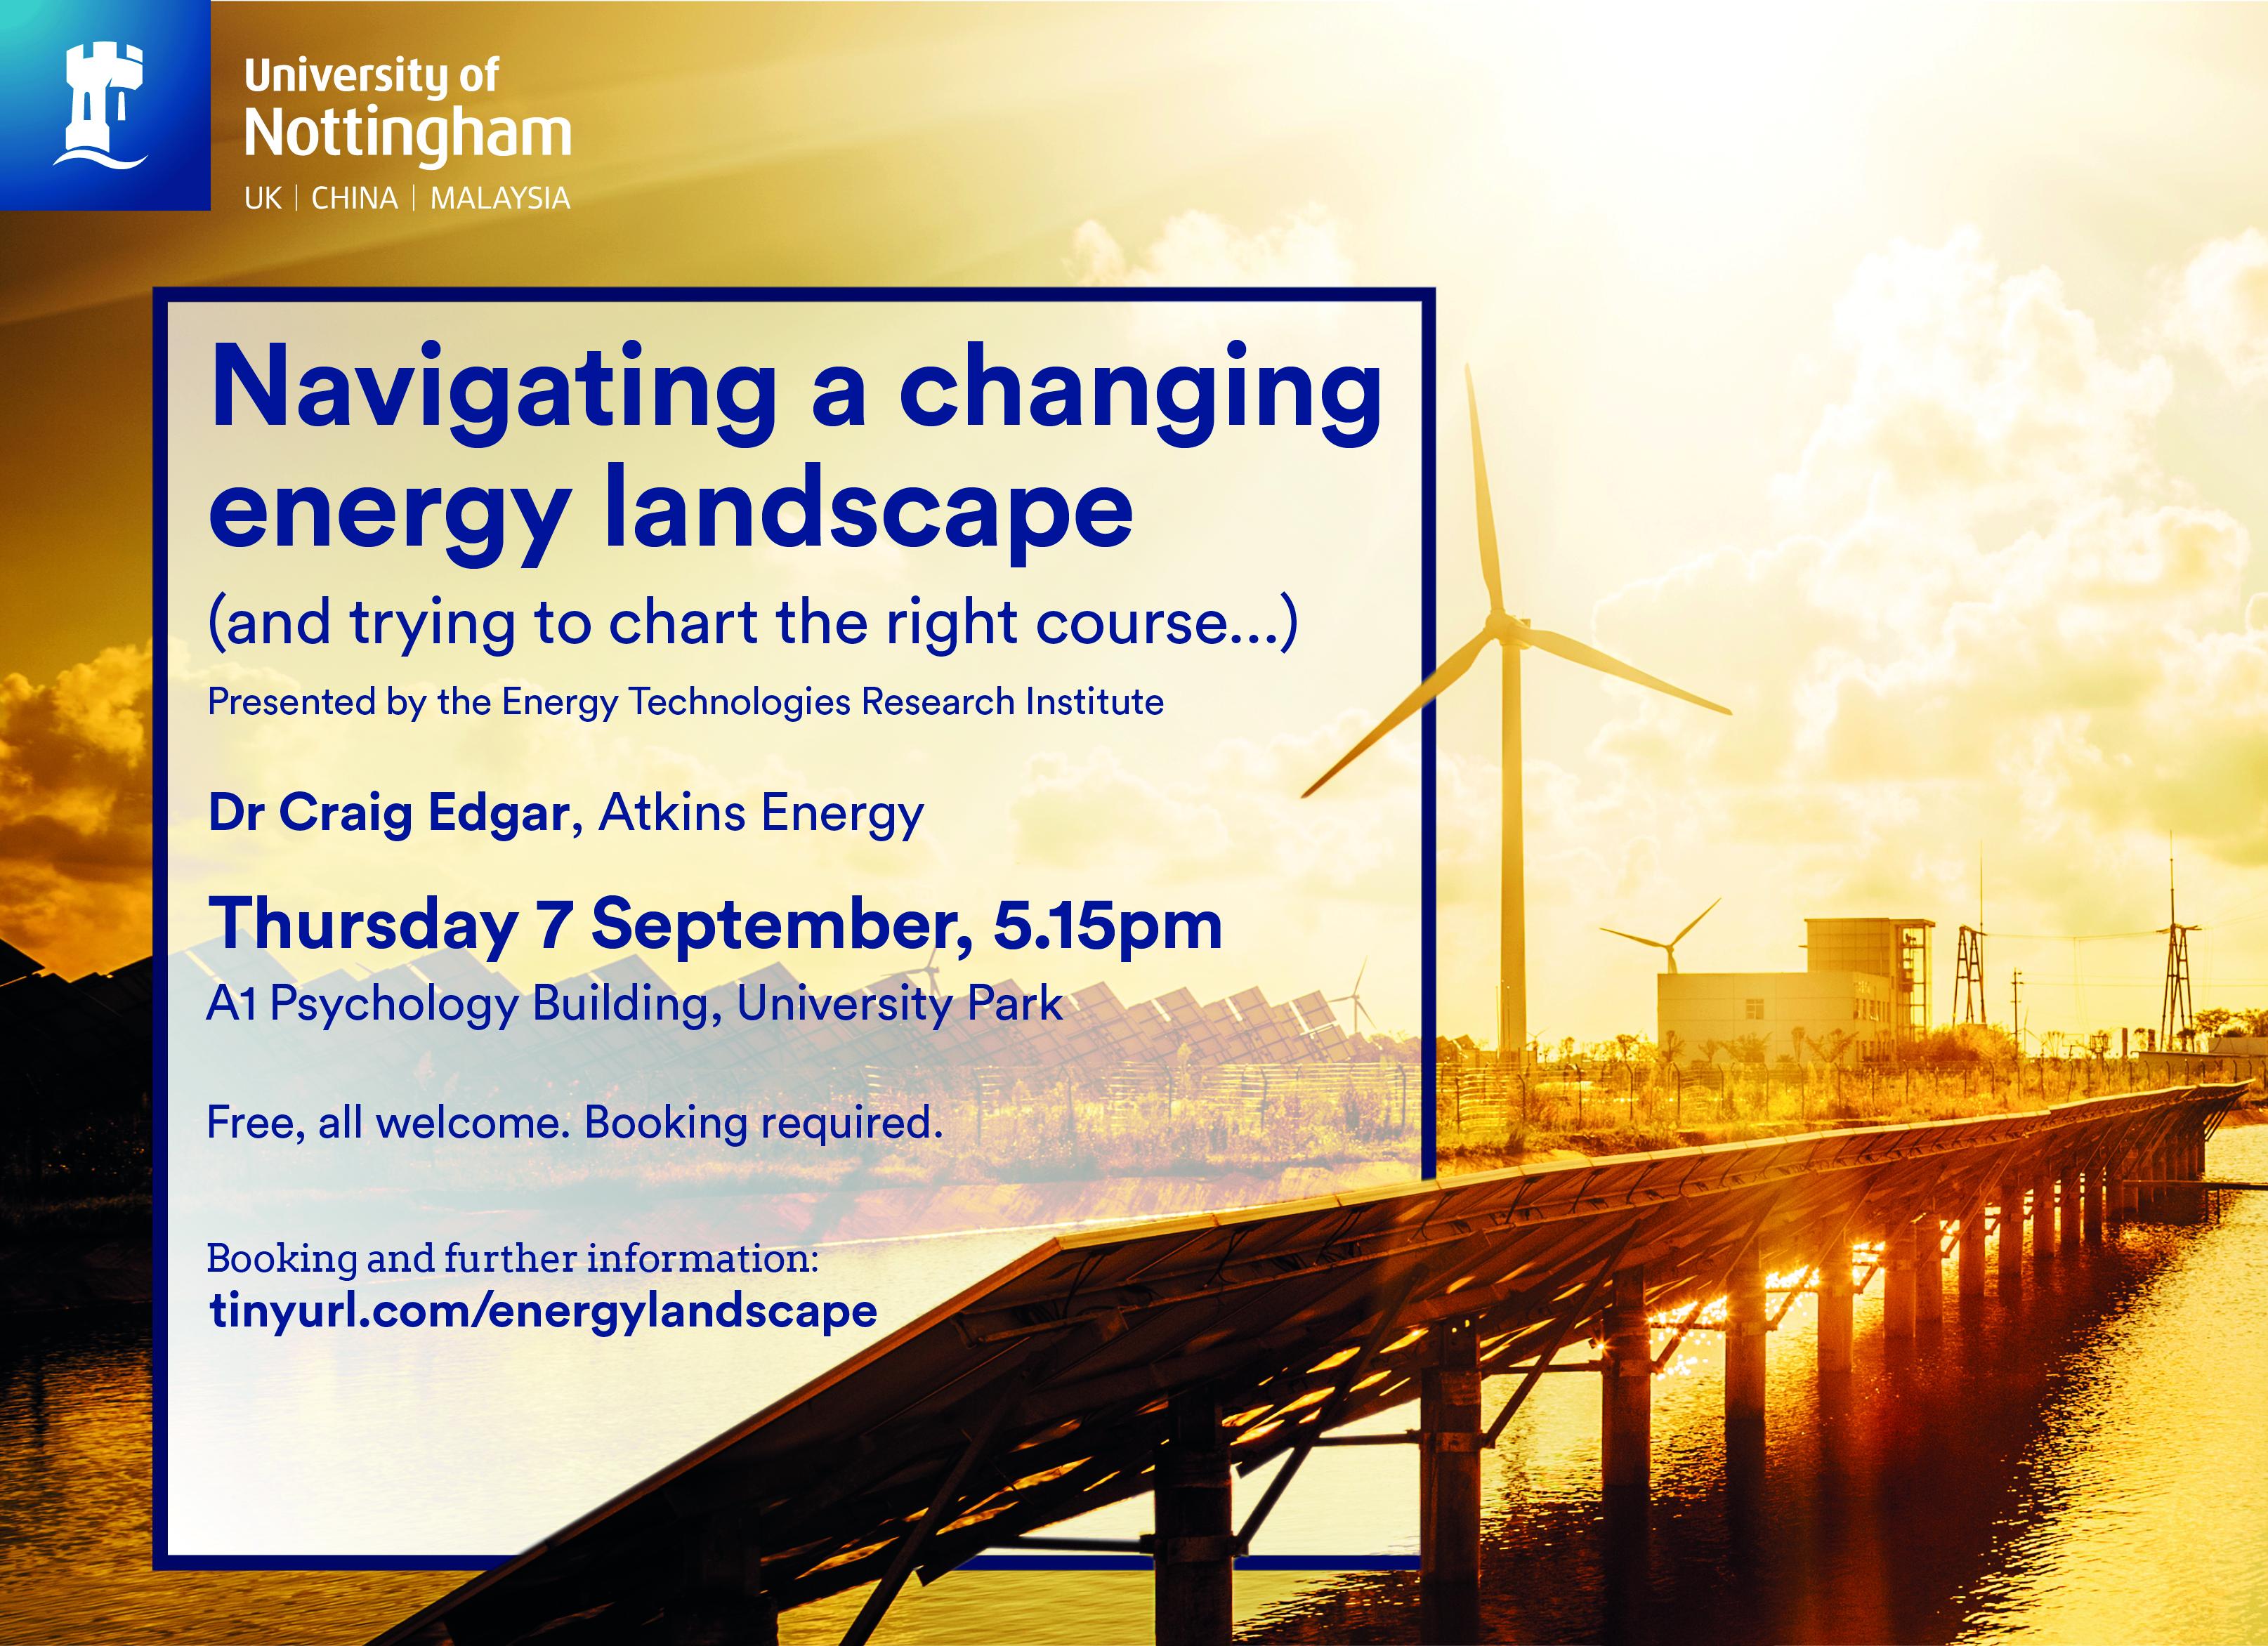 Navigating a changing energy landscape